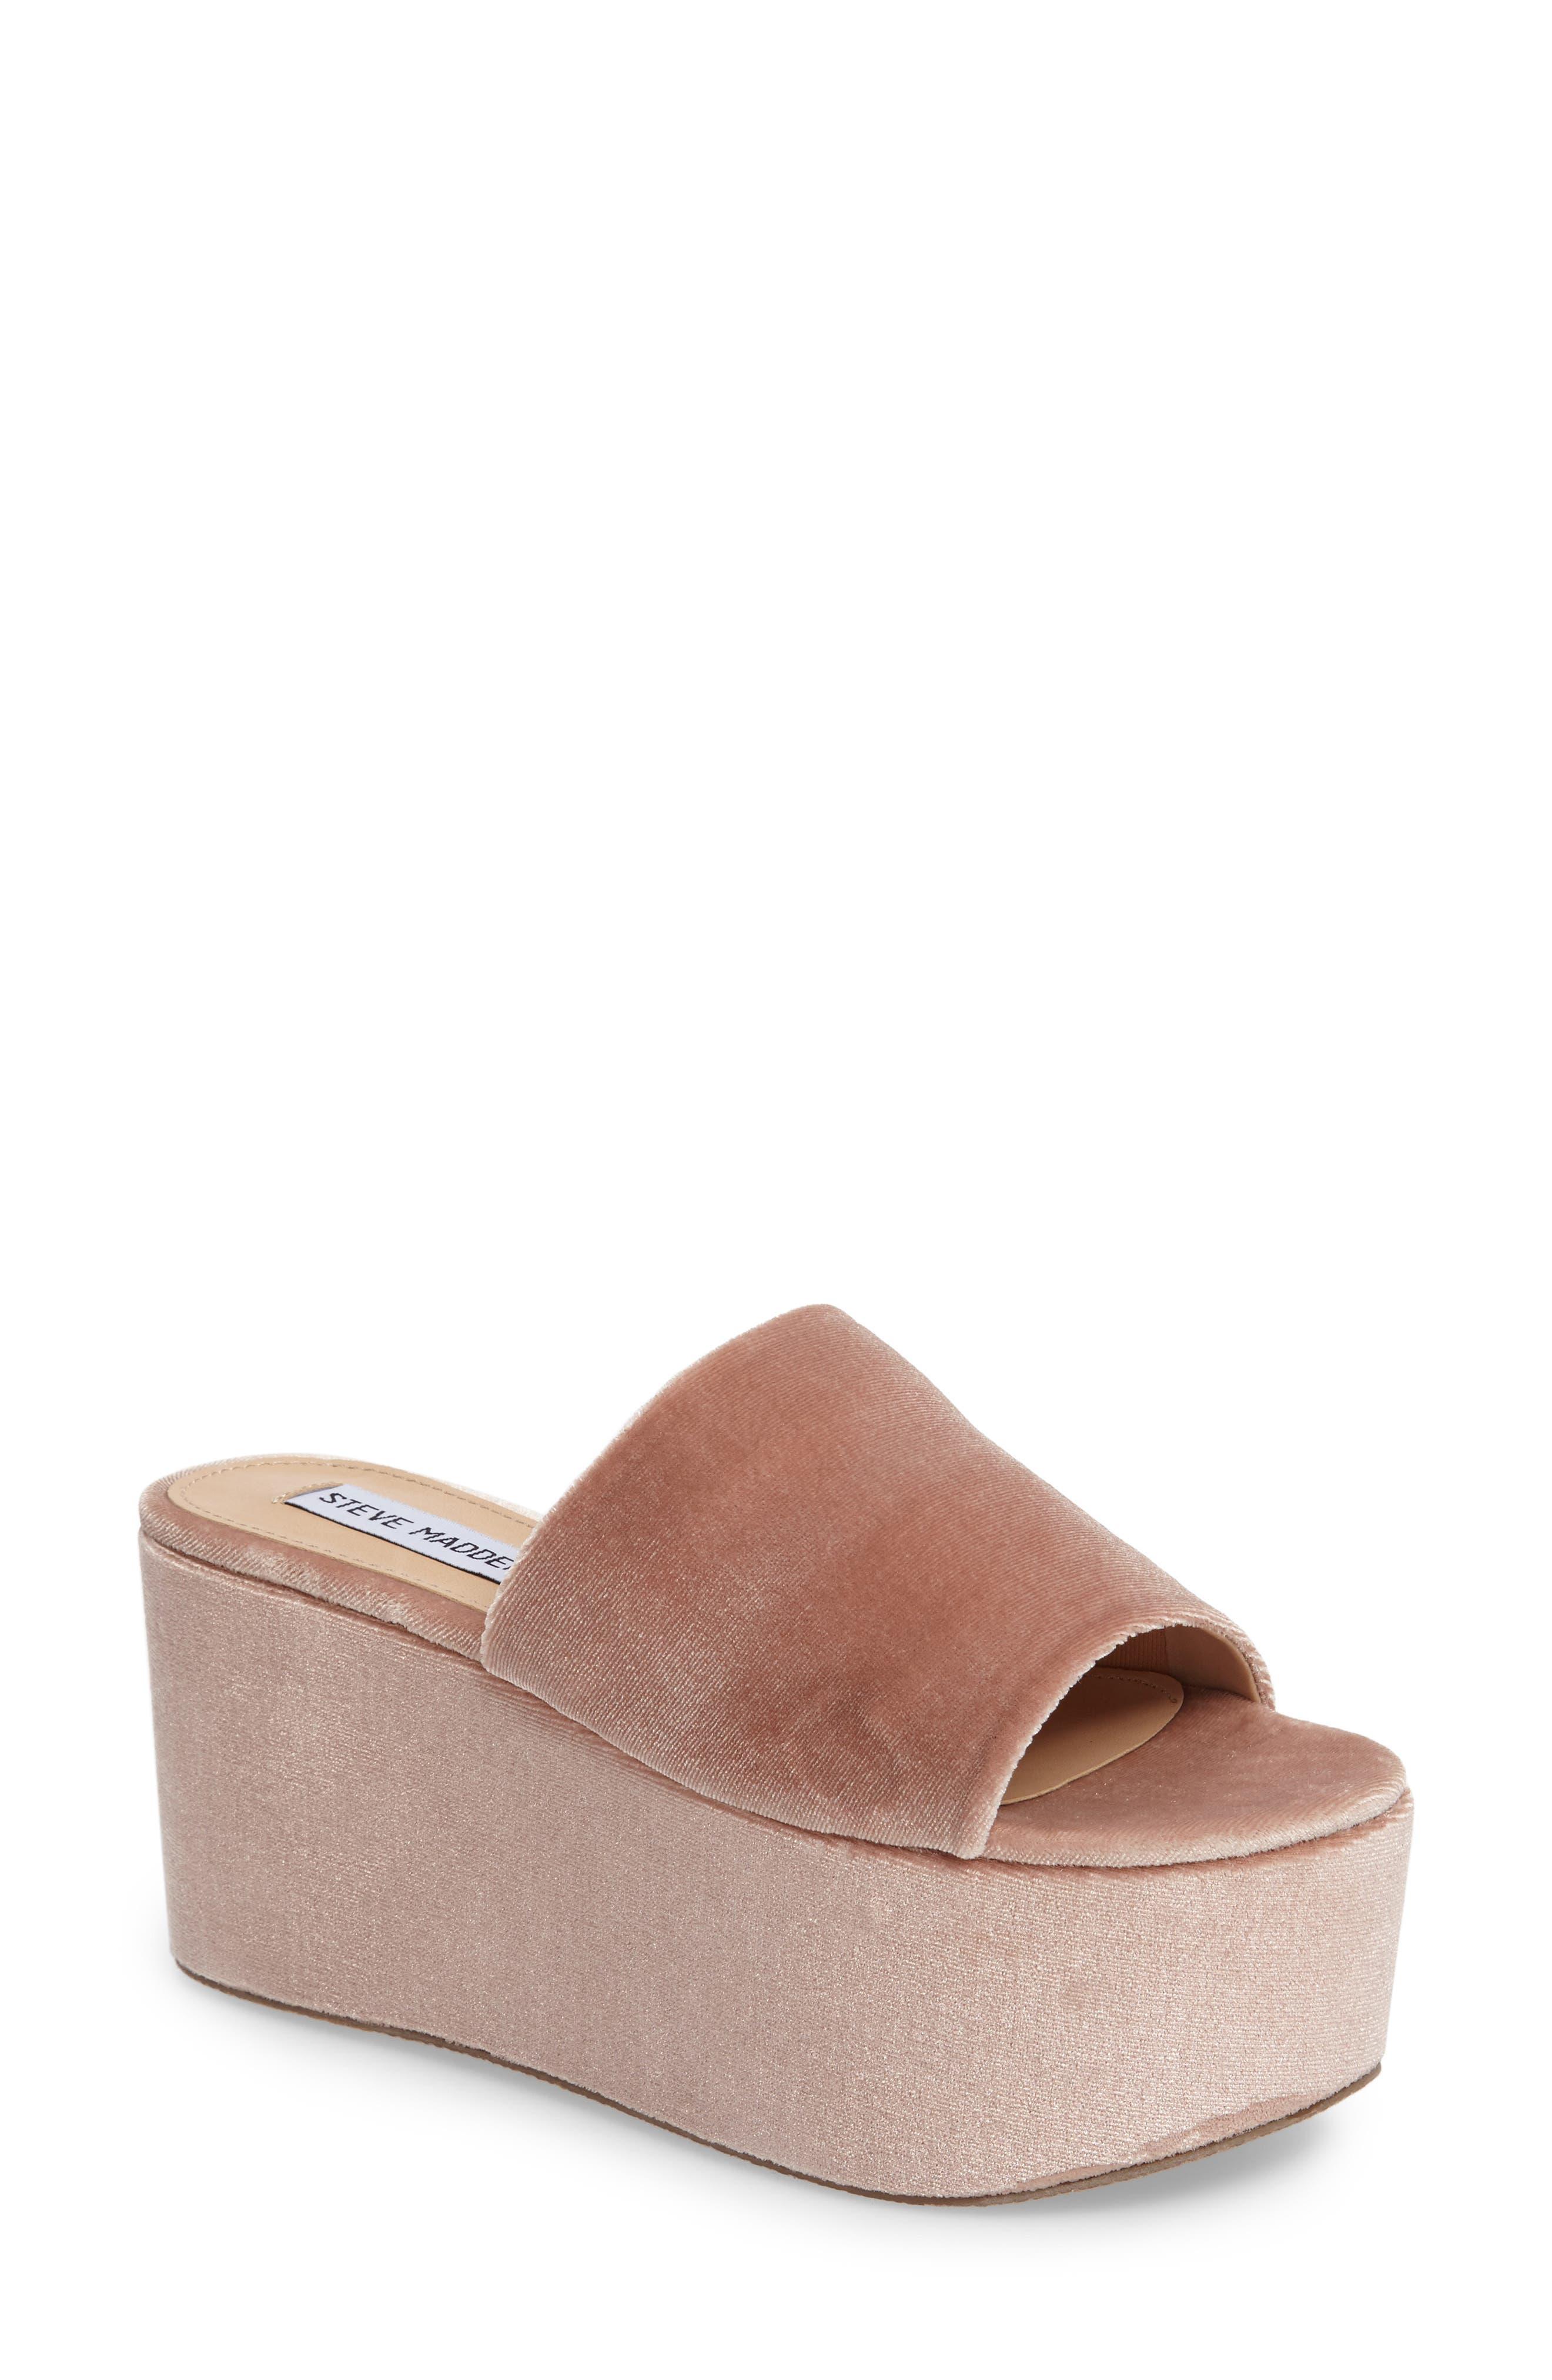 Steve Madden Harlow Platform Sandal (Women)